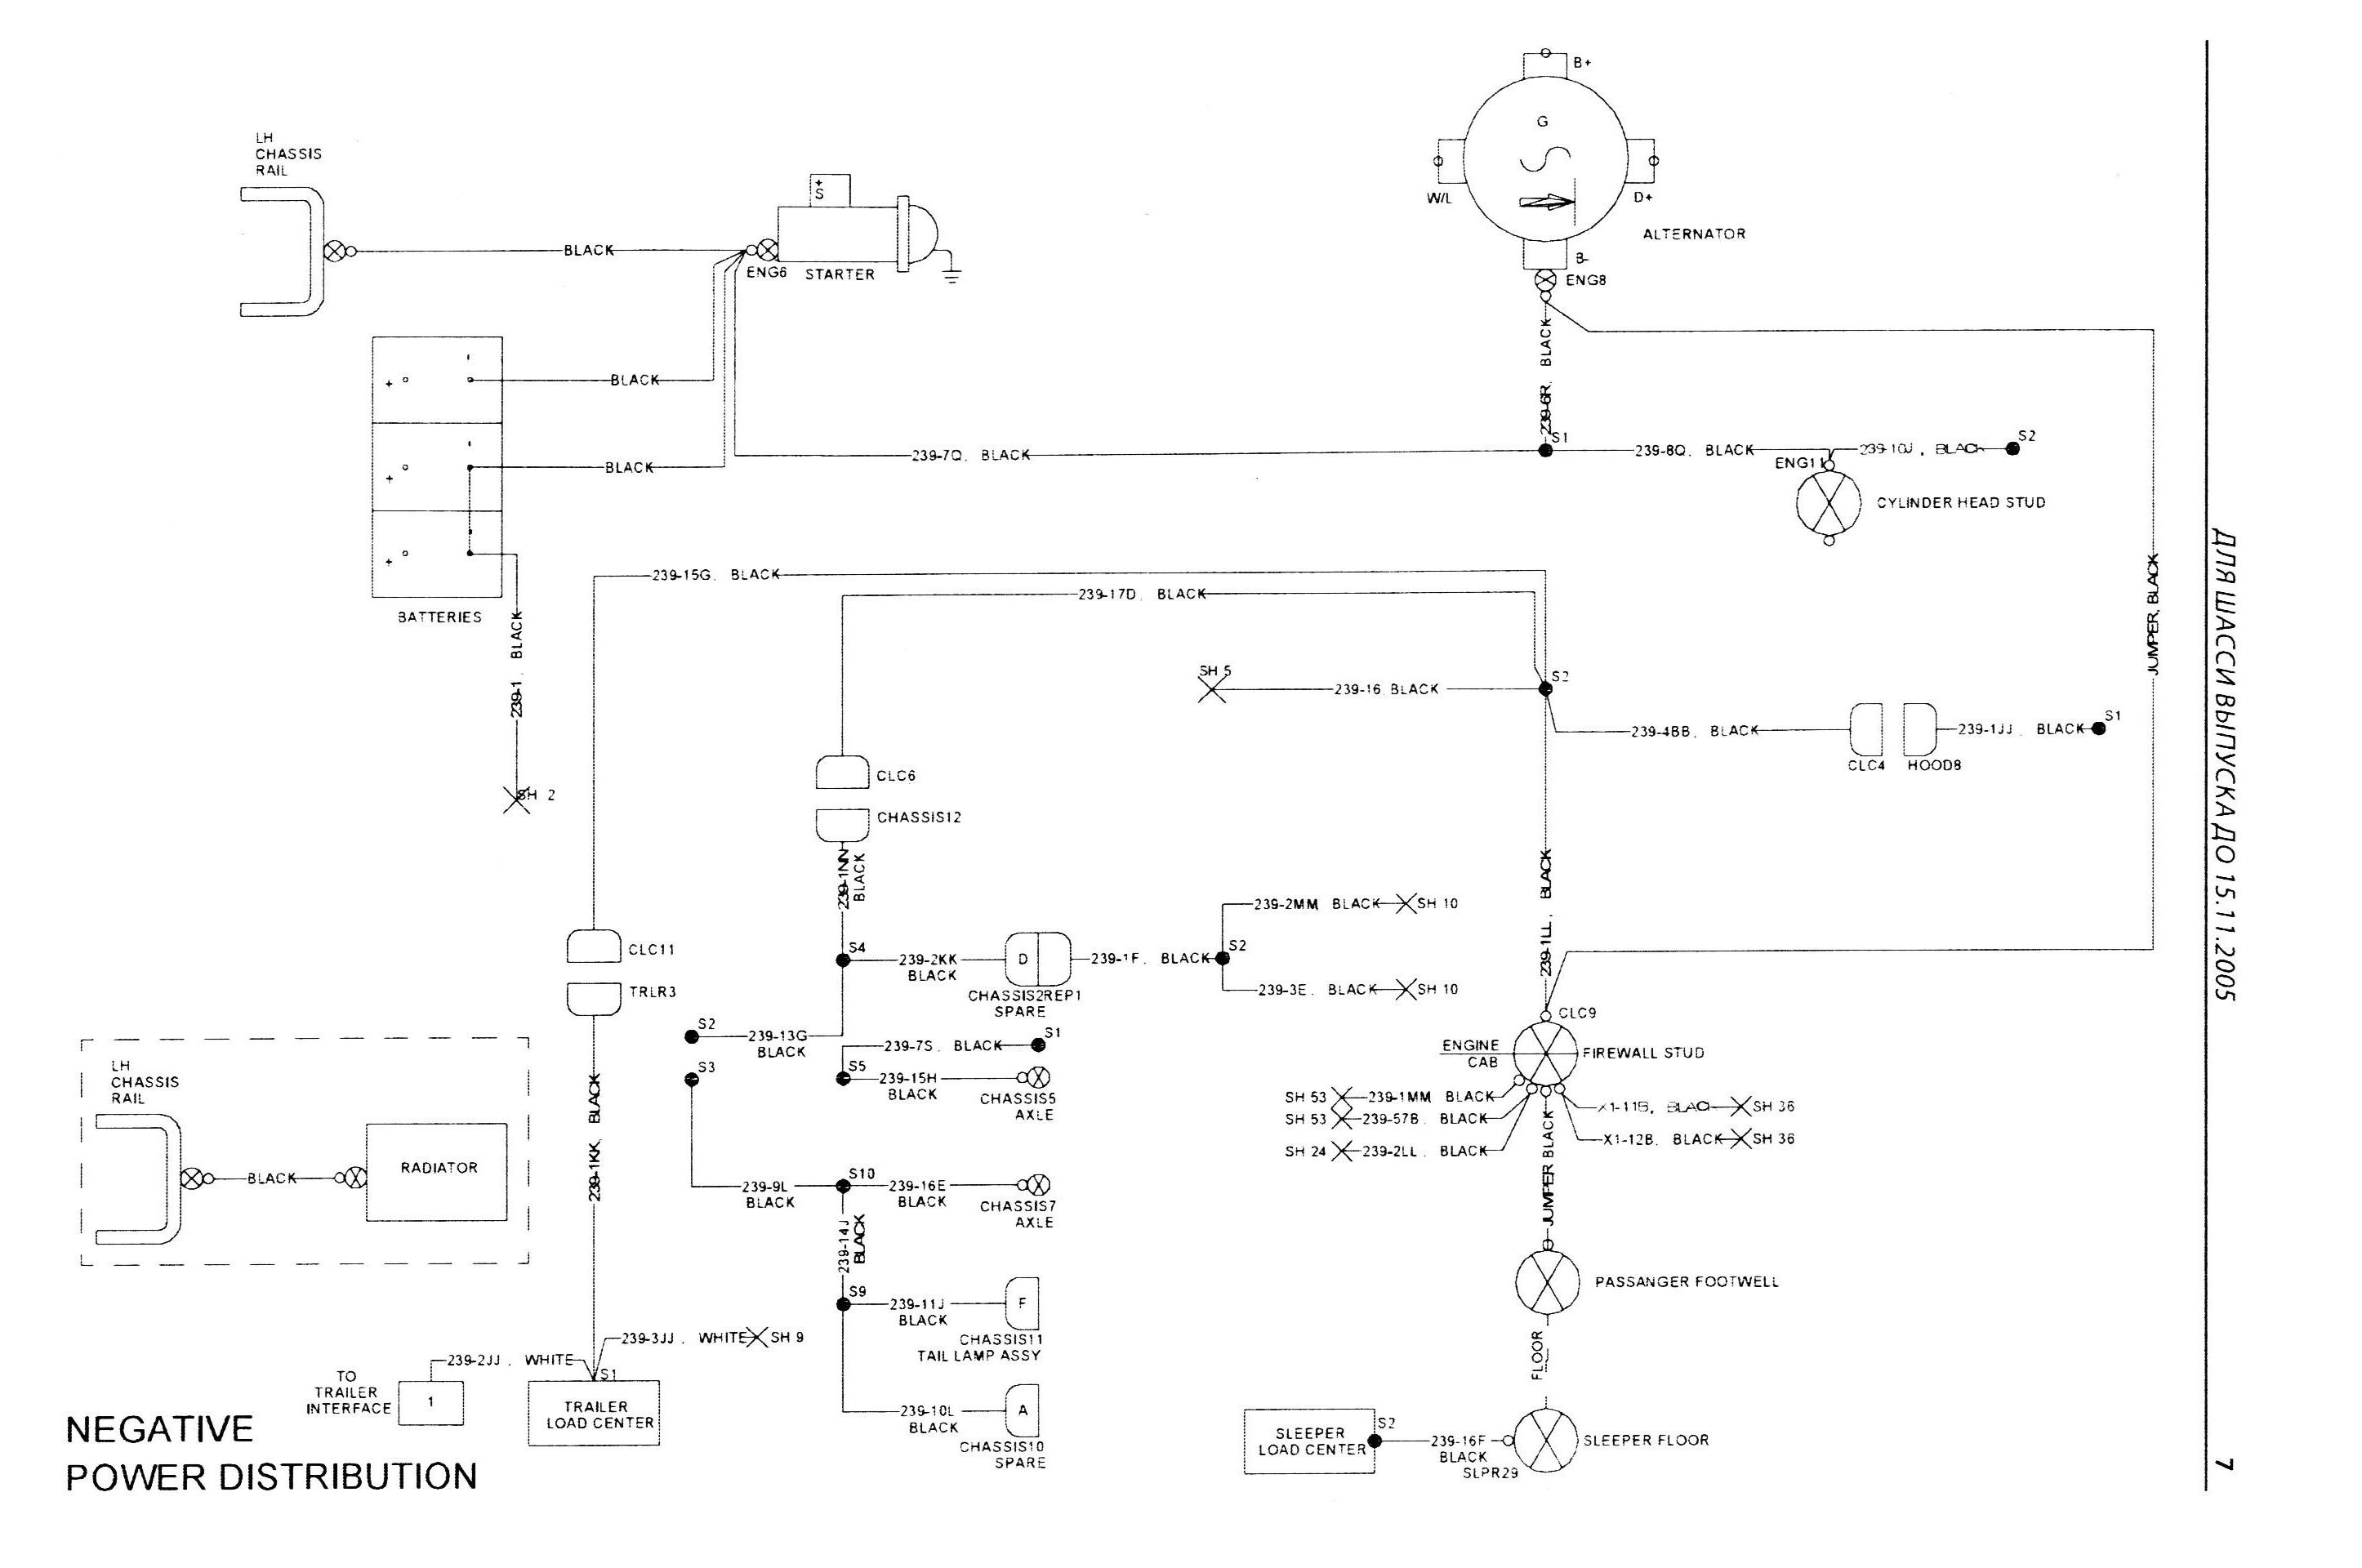 peterbilt 387 hvac wiring diagram jpeg jpg image 473 6 kb download download [ 2892 x 1920 Pixel ]